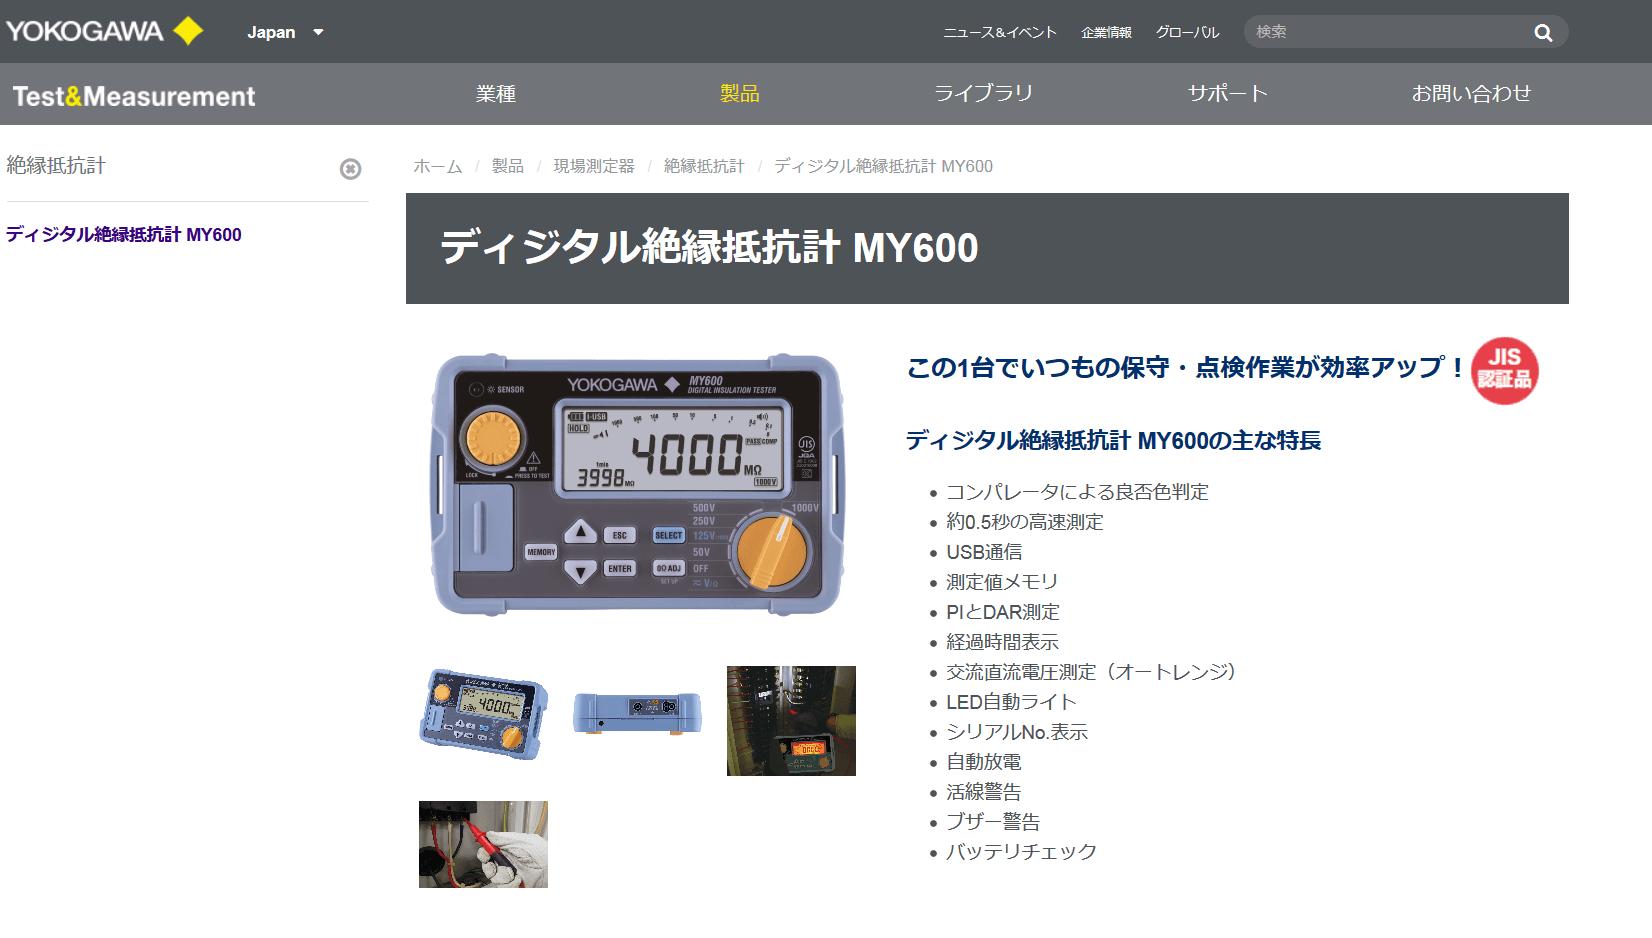 ディジタル絶縁抵抗計 MY600